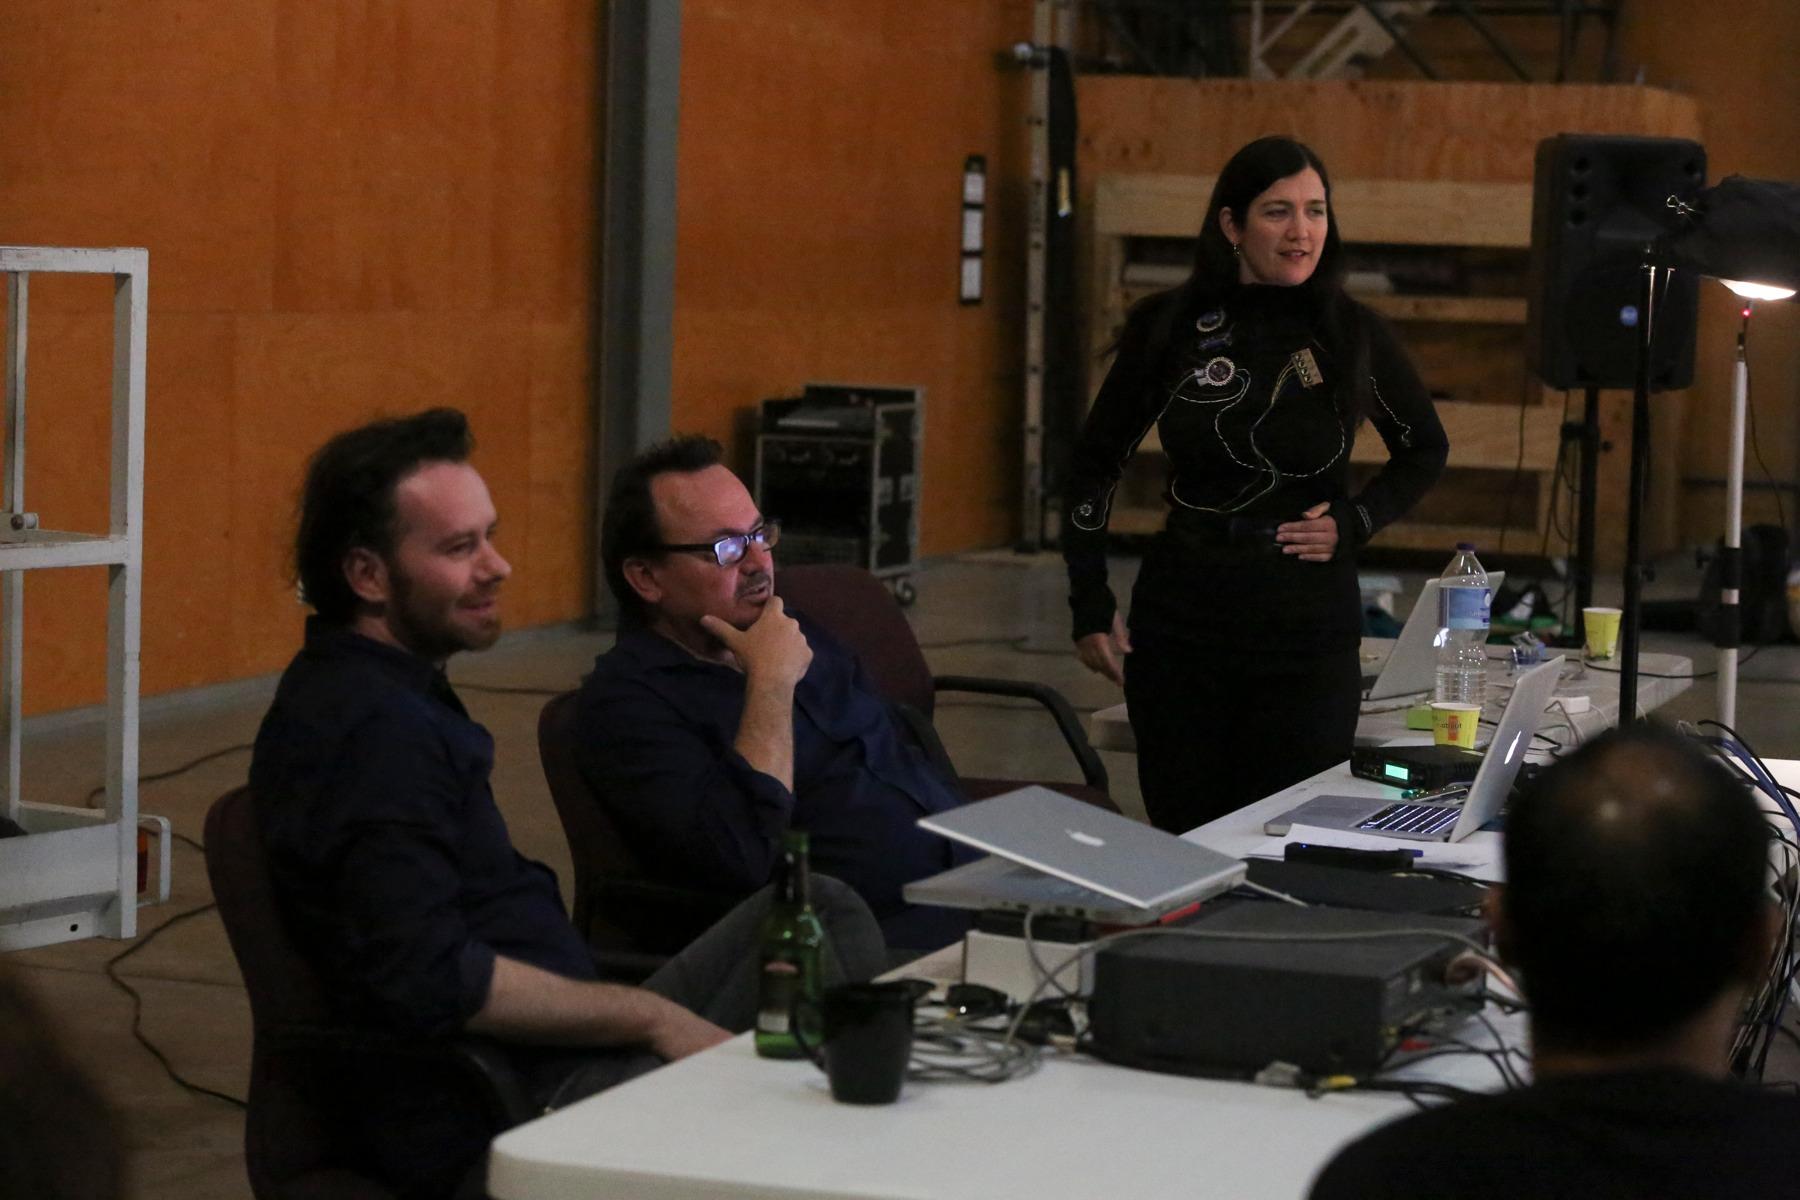 Artis talk Q&A. Tim, Julian and Donna